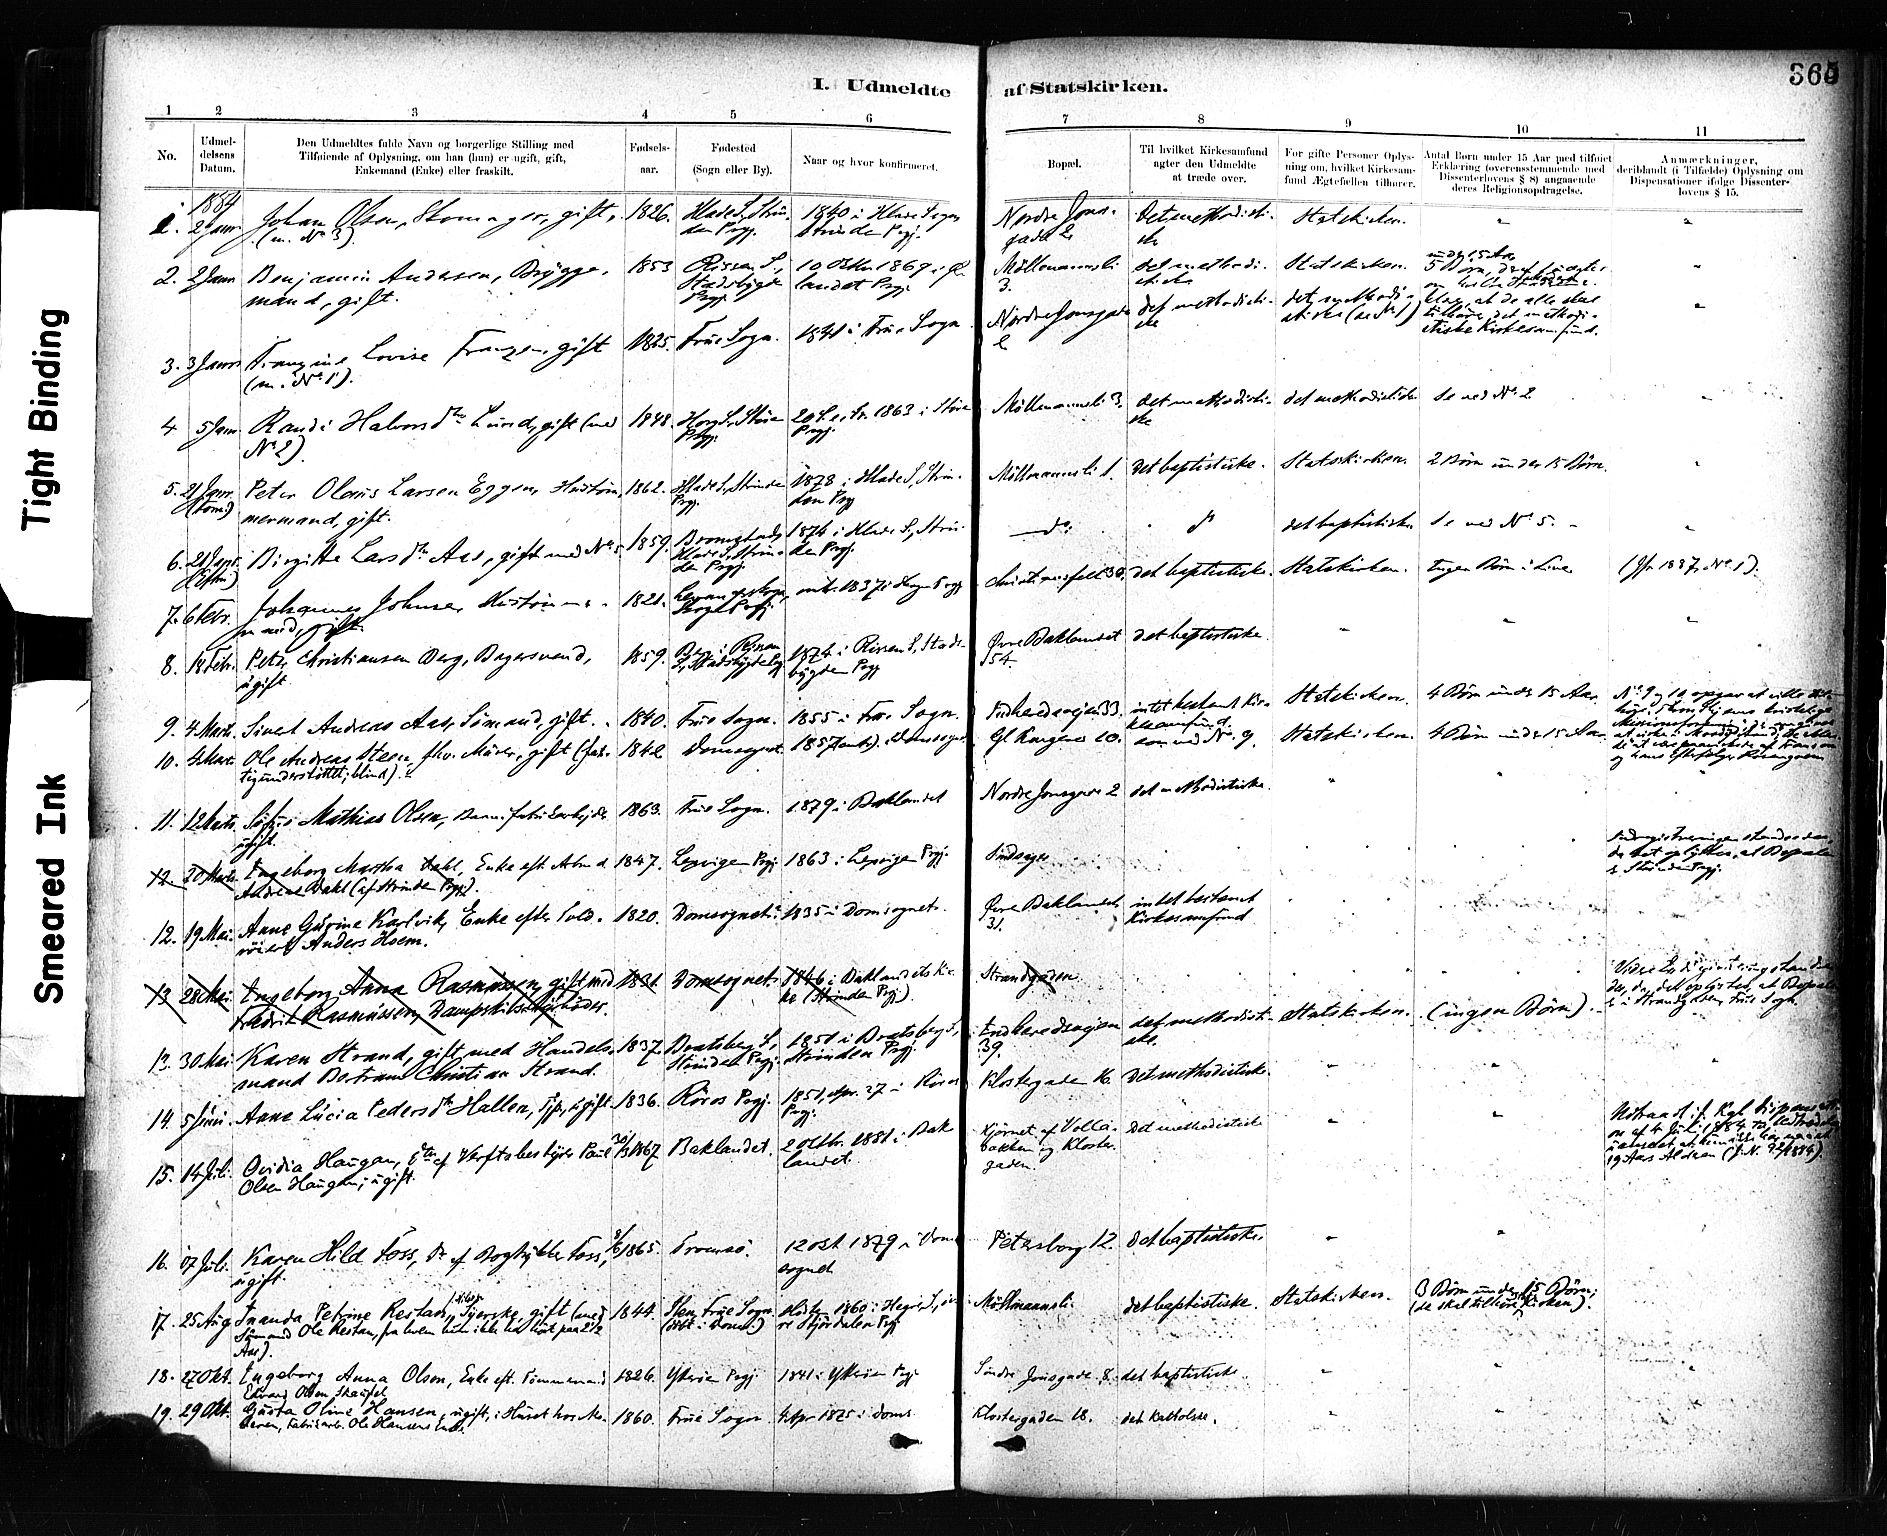 SAT, Ministerialprotokoller, klokkerbøker og fødselsregistre - Sør-Trøndelag, 604/L0189: Ministerialbok nr. 604A10, 1878-1892, s. 365